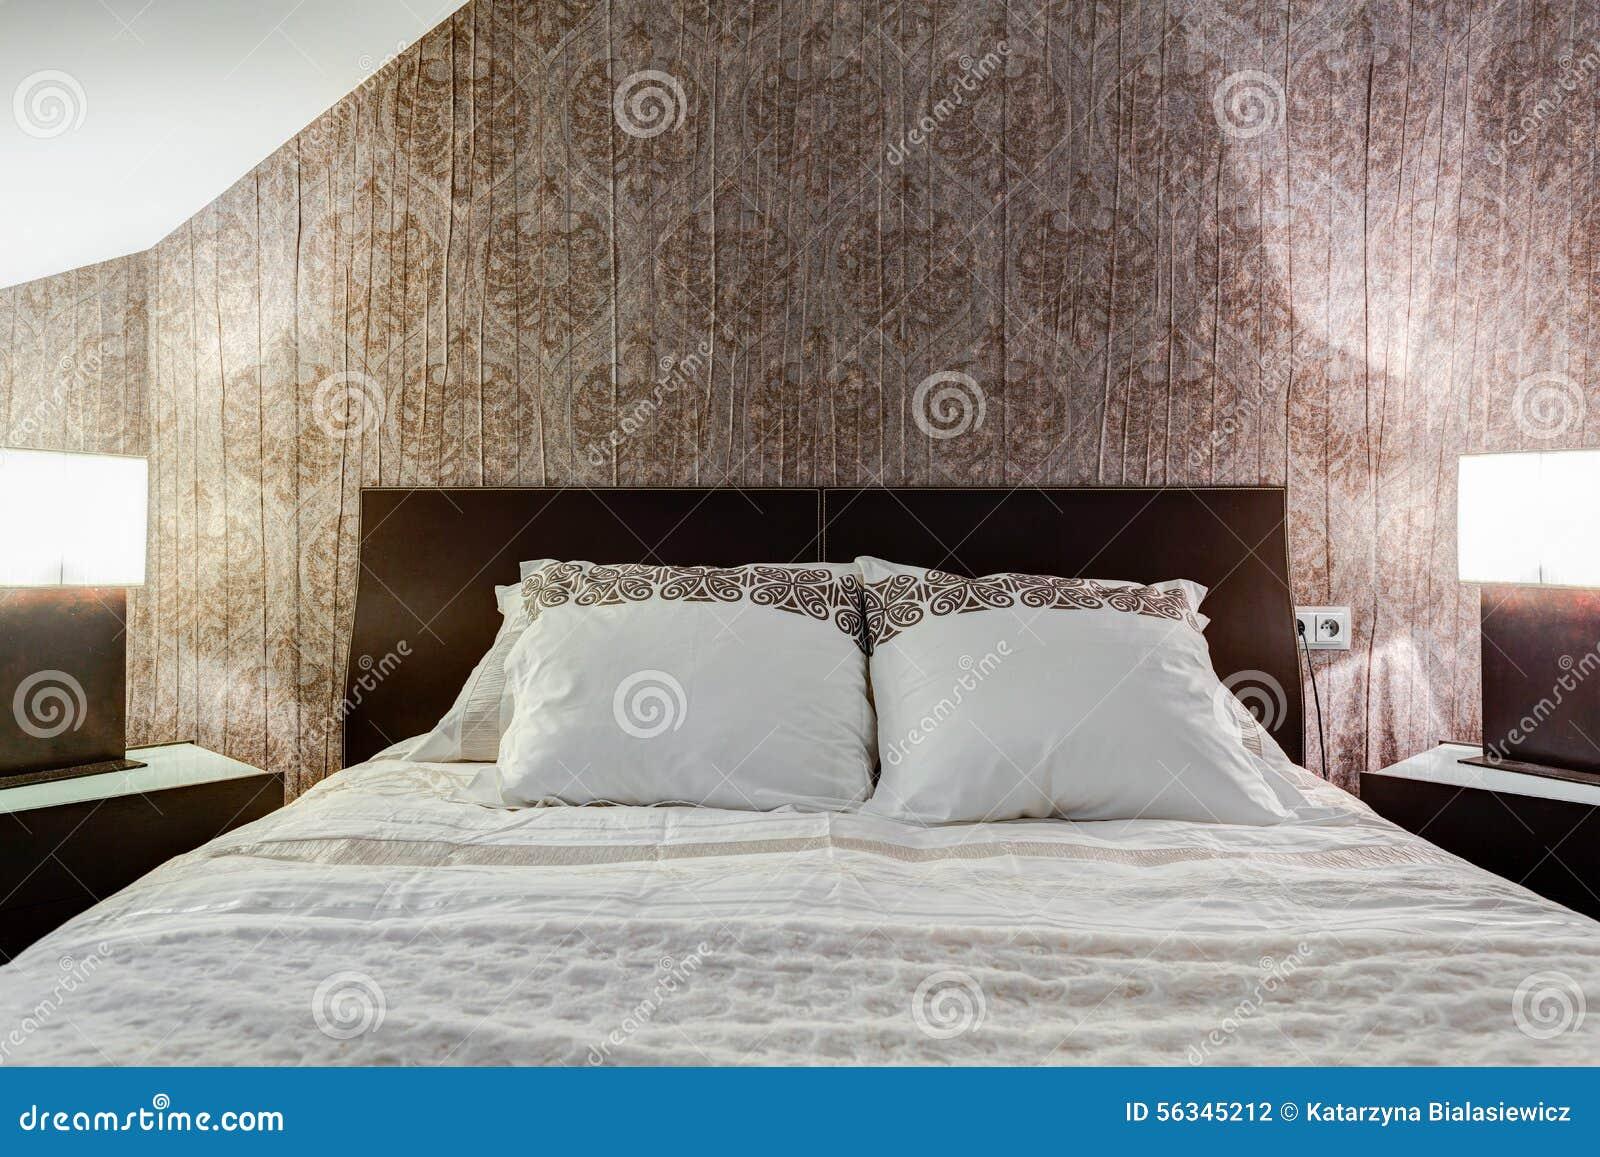 Bruin Behang In Elegante Slaapkamer Stock Foto - Afbeelding: 56345212